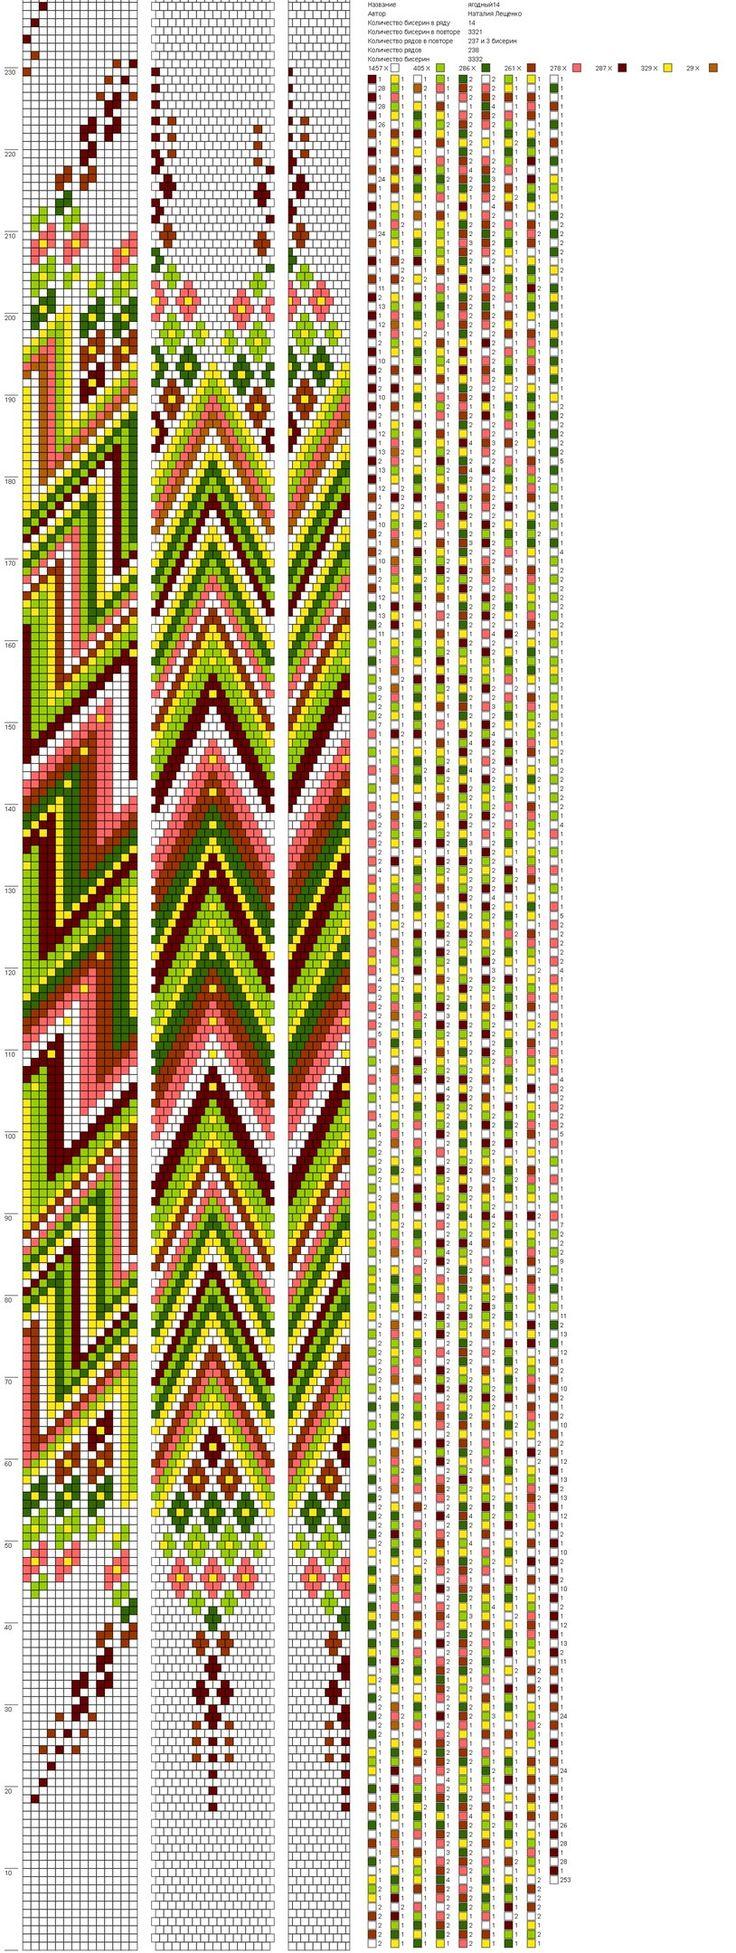 y-82xW57Gs4.jpg (814×2160)